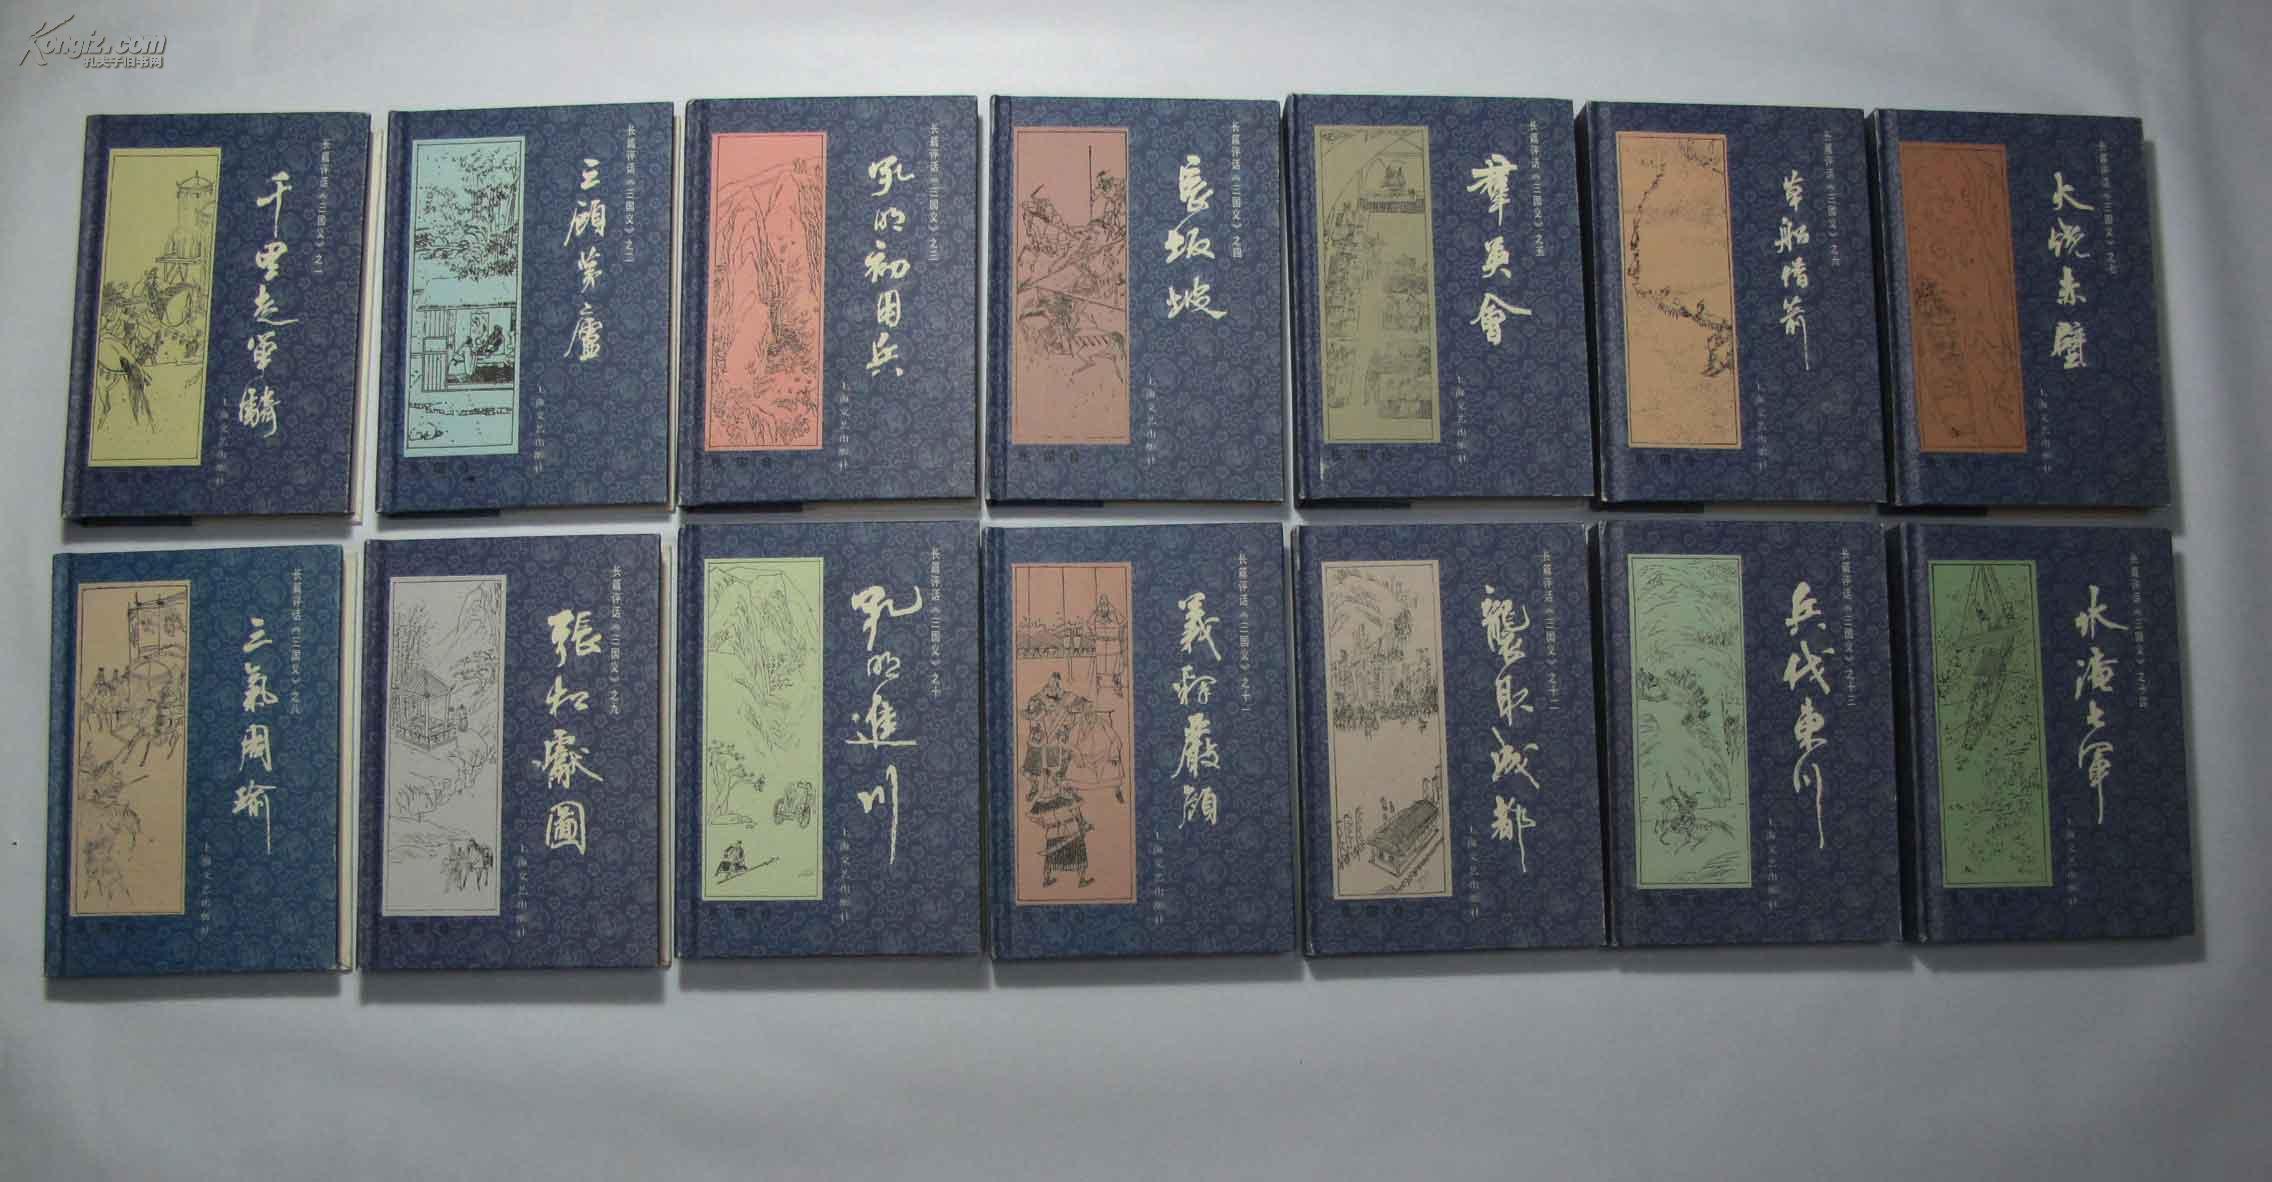 张国良《三国评话》全套1-14册(精装 纪念版)